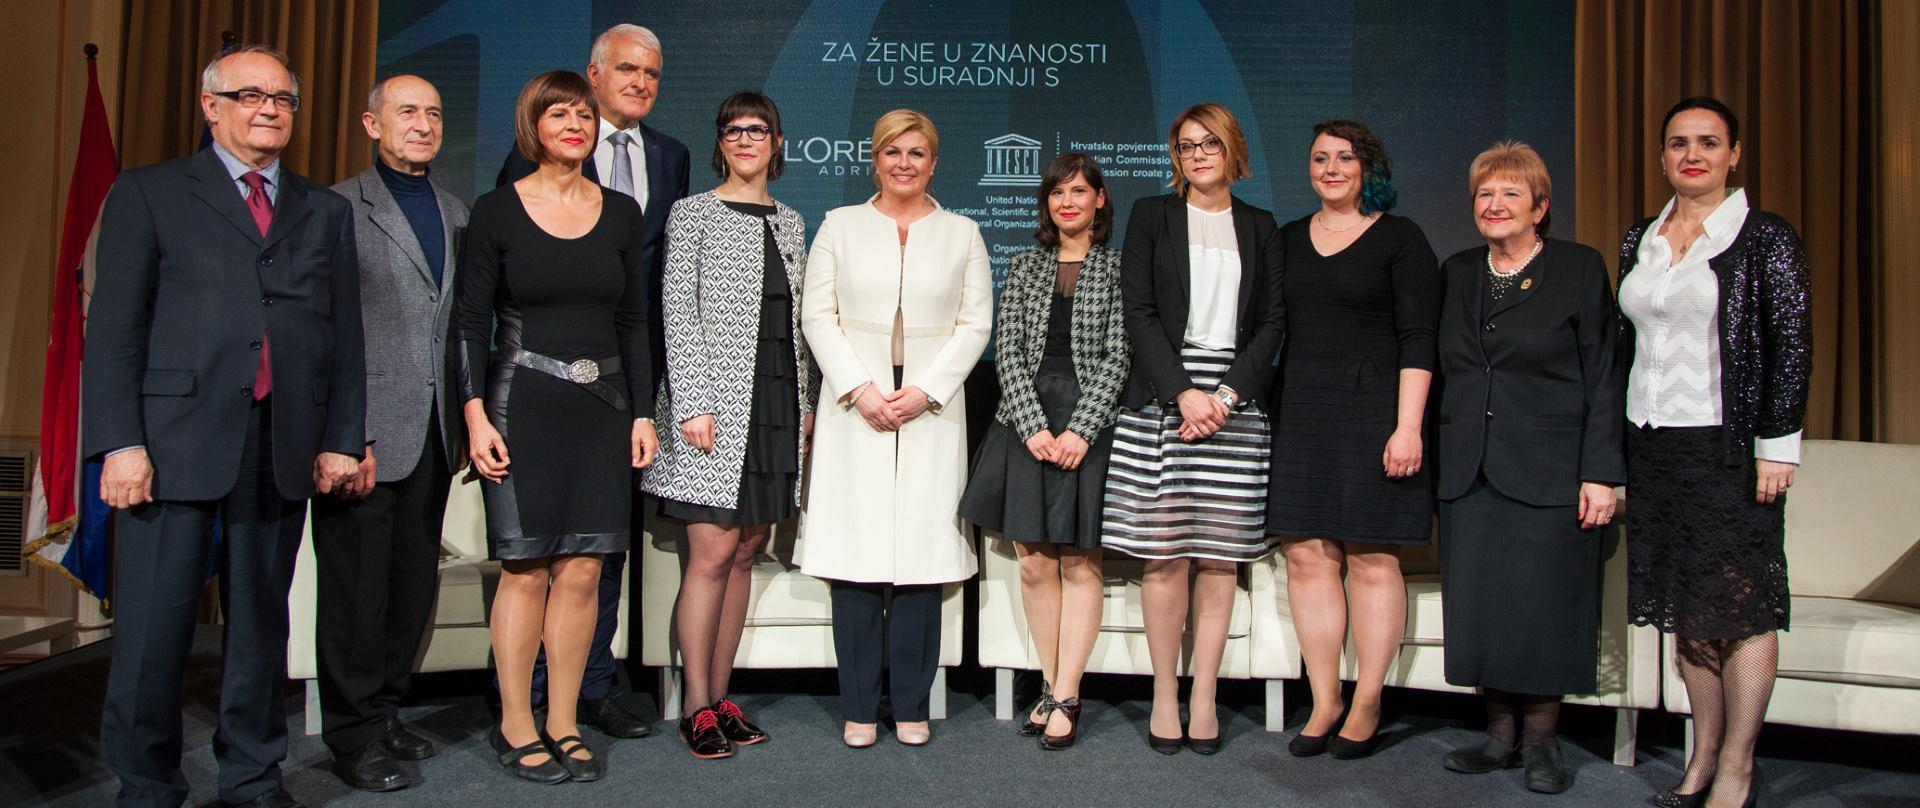 PROGRAM L'OREALA i UNESCO-a Četiri mlade znanstvenice nagrađene prestižnom stipendijom 'Za žene u znanosti'